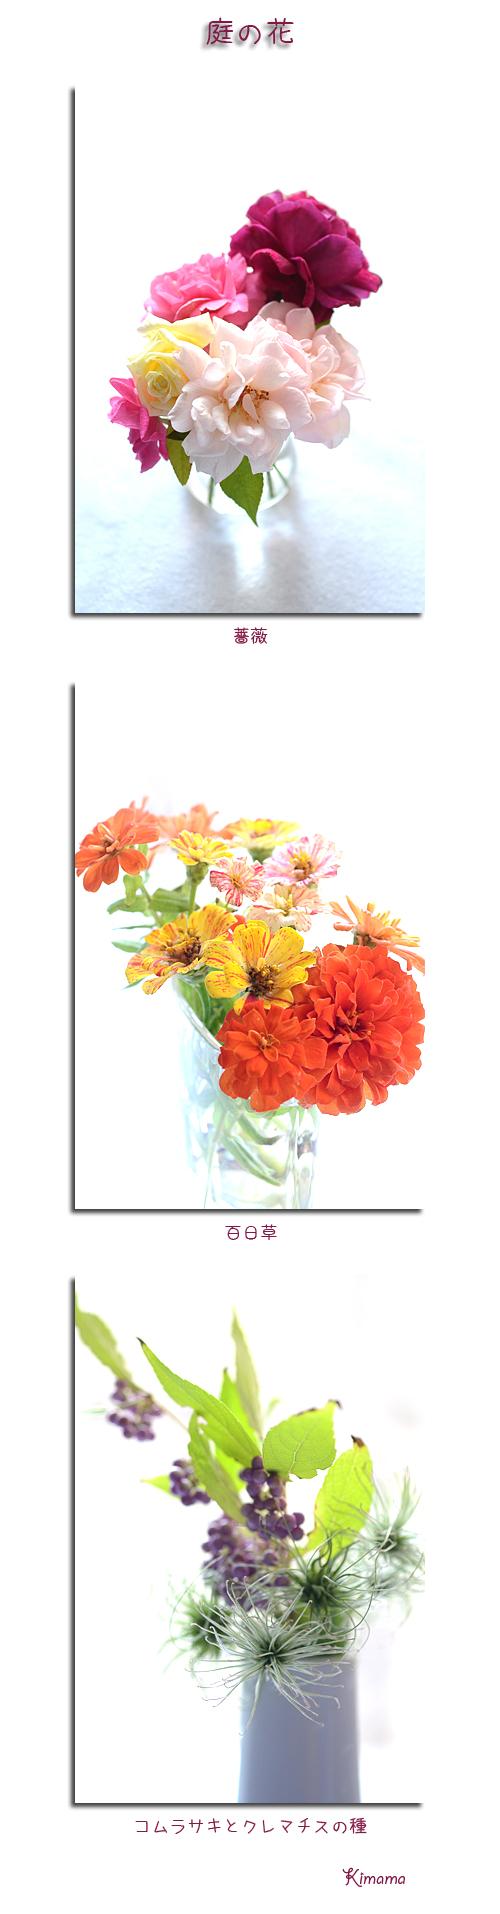 10月7日庭の花